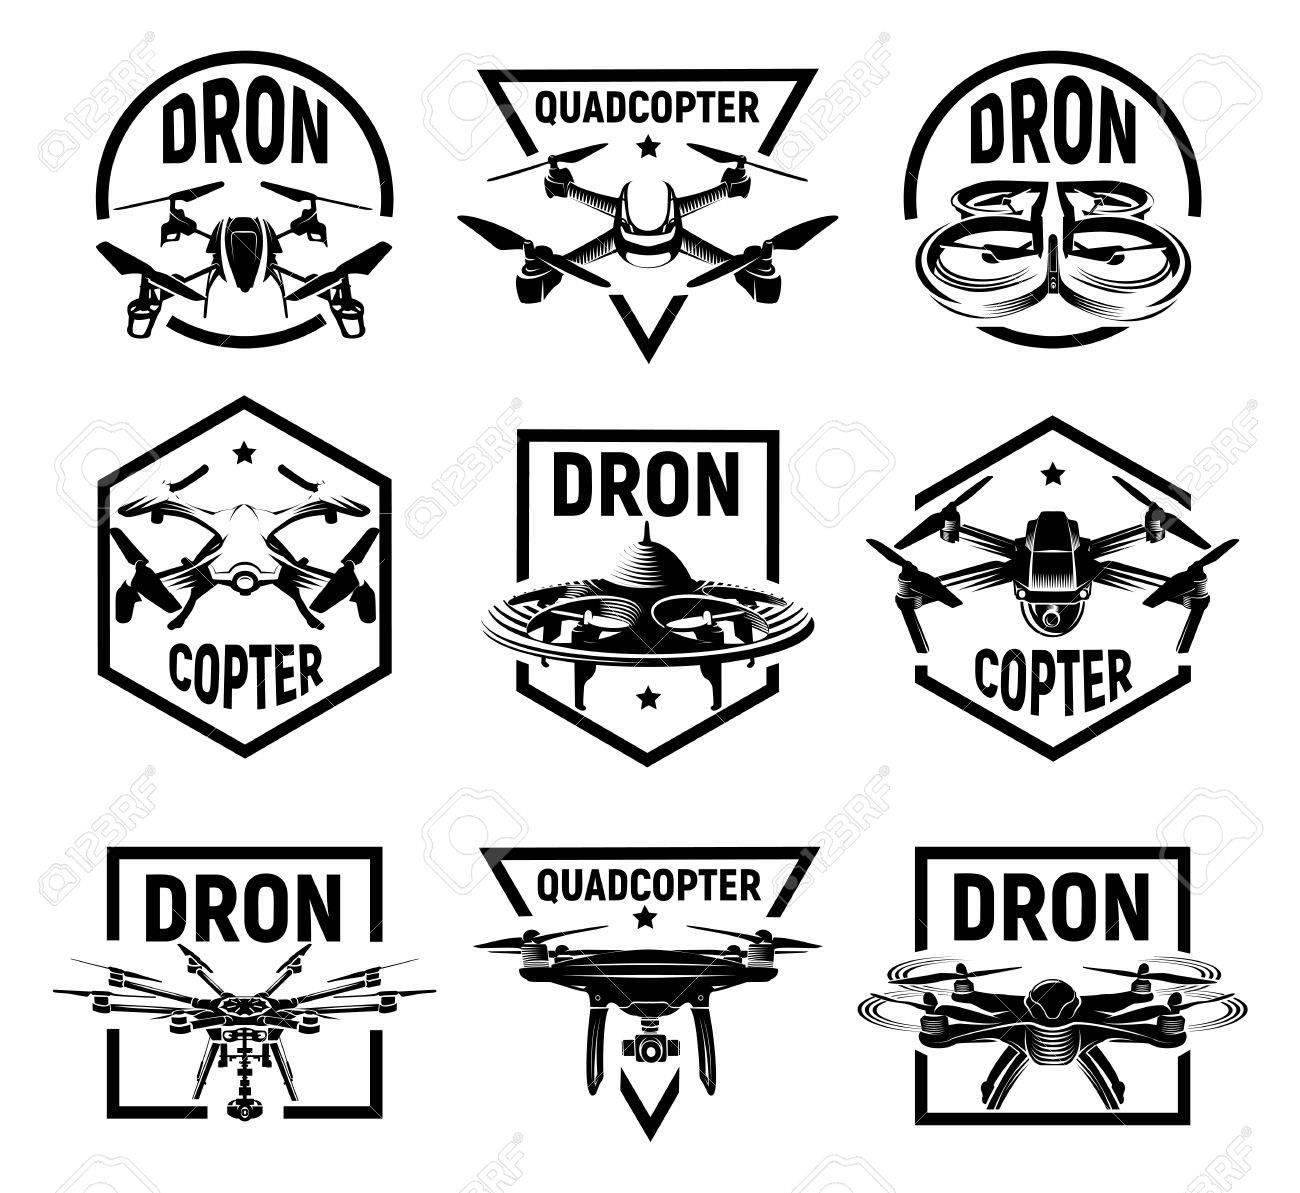 Aislado Monocromo Quadcopter Iconos En Marcos, Rc Drone Logos ...